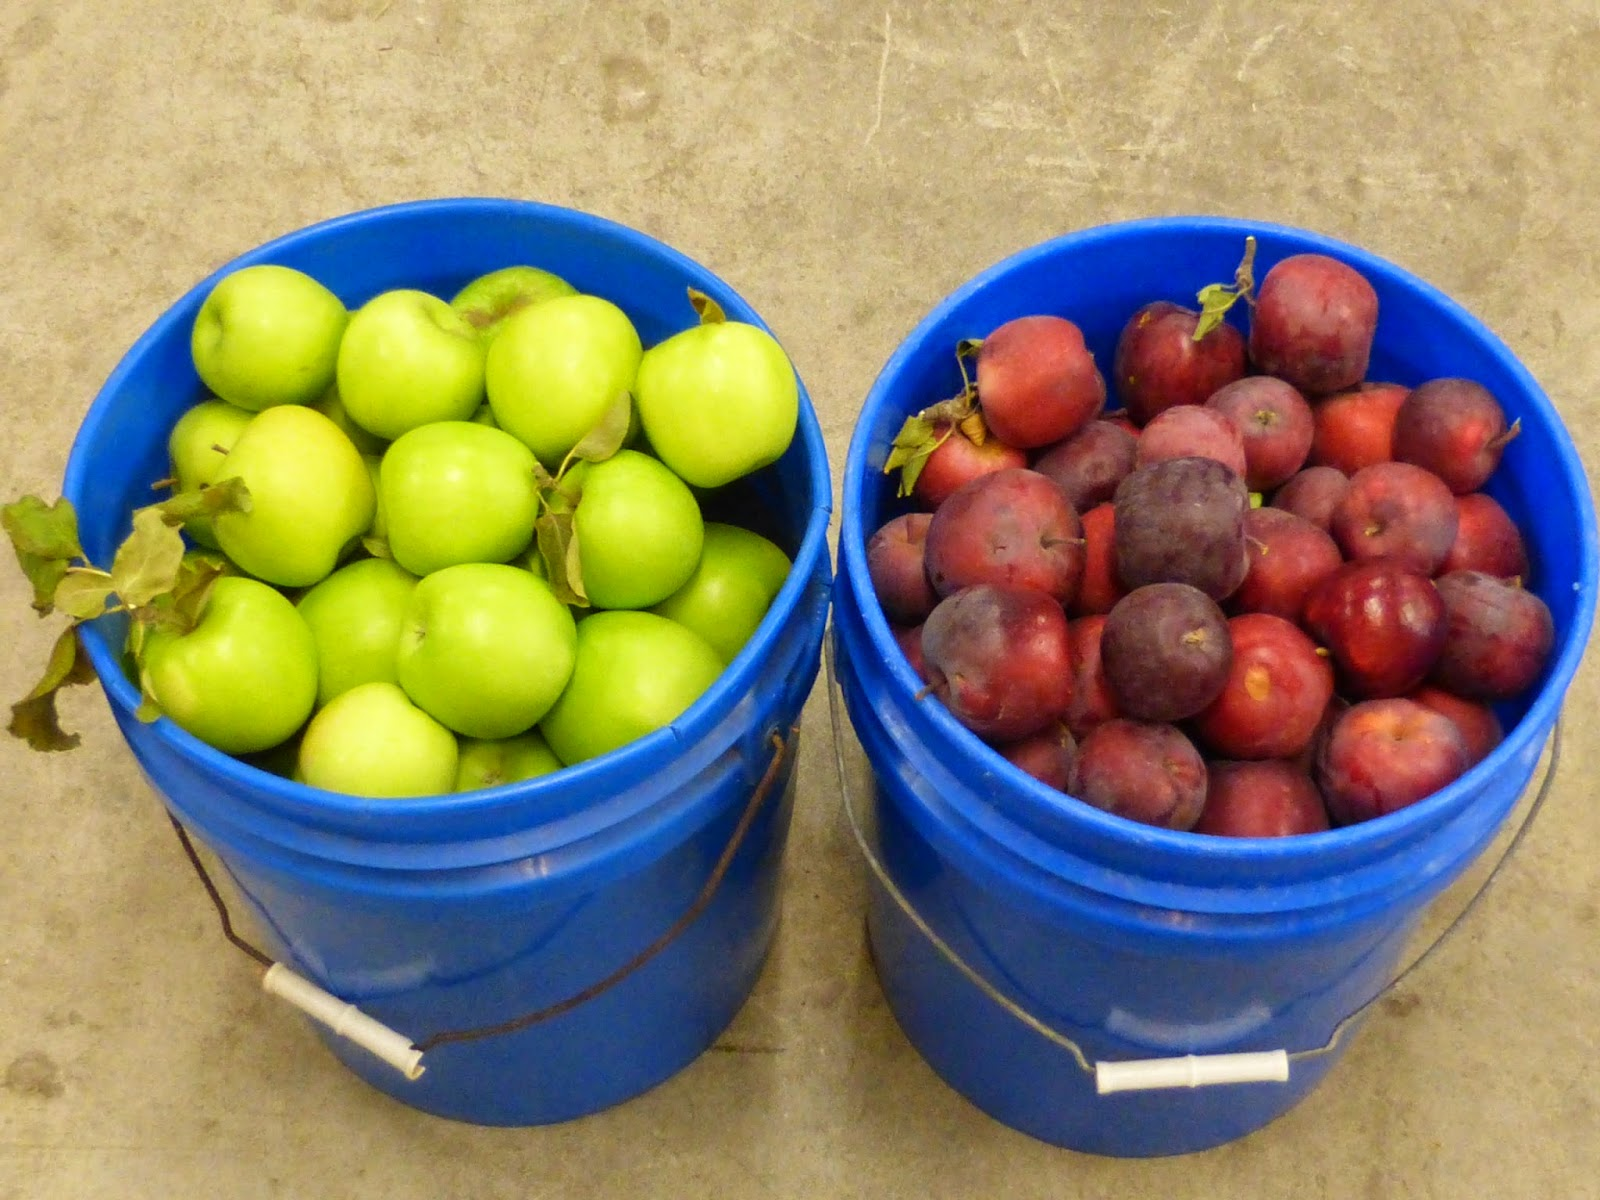 slo yarns apples galore fruit and fiber. Black Bedroom Furniture Sets. Home Design Ideas